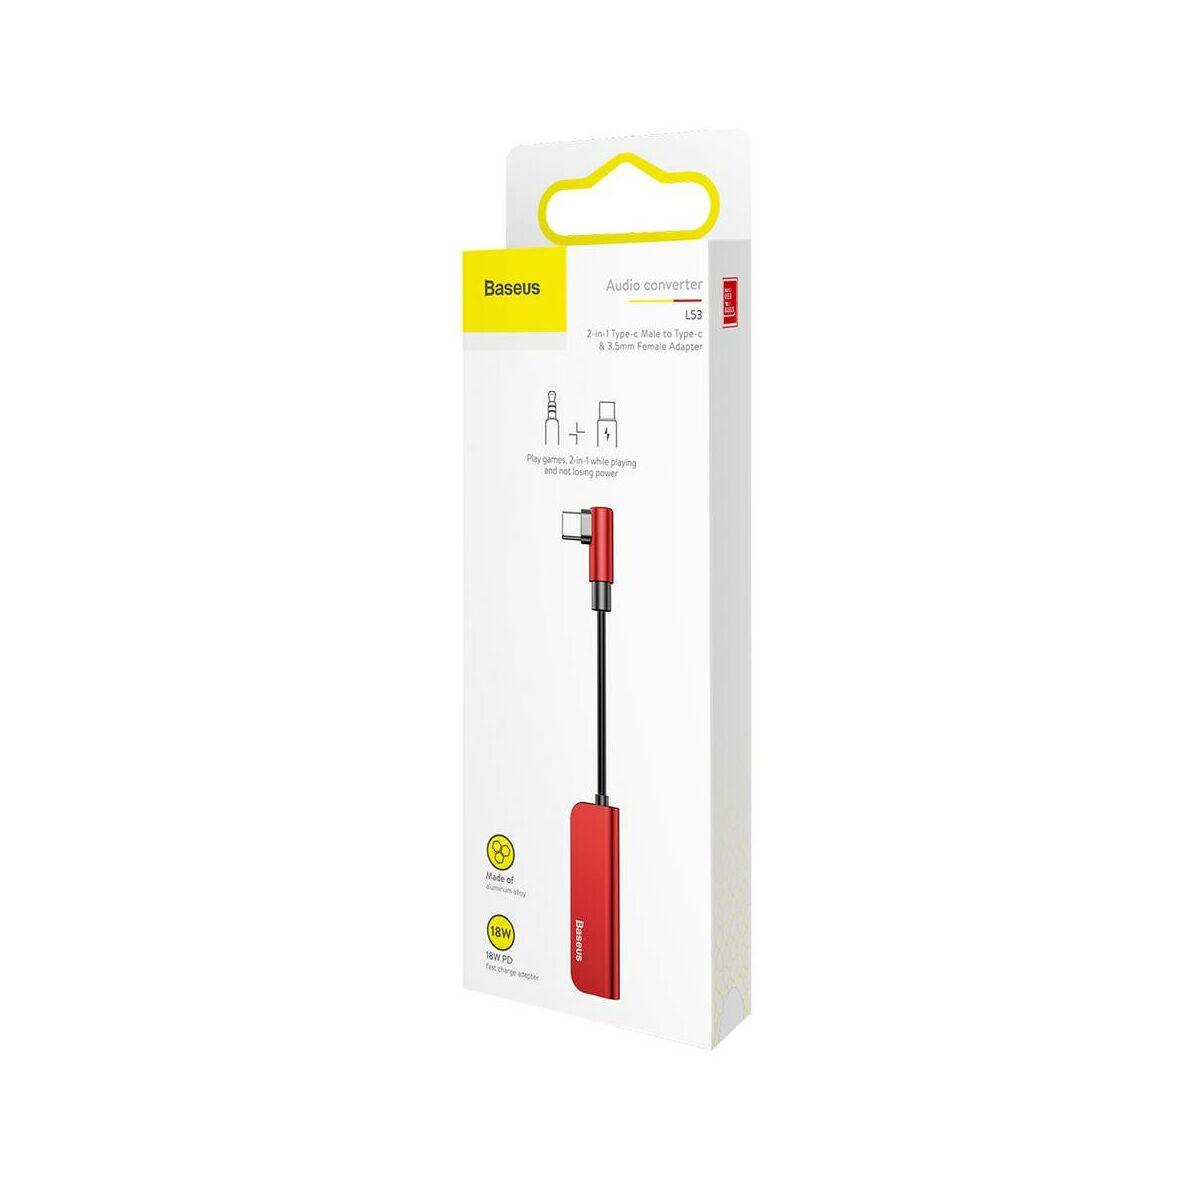 Baseus átalakító, L53 Type-C [apa] - Type-C 3.5mm [anya] adapter, piros/fekete (CATL53-91)